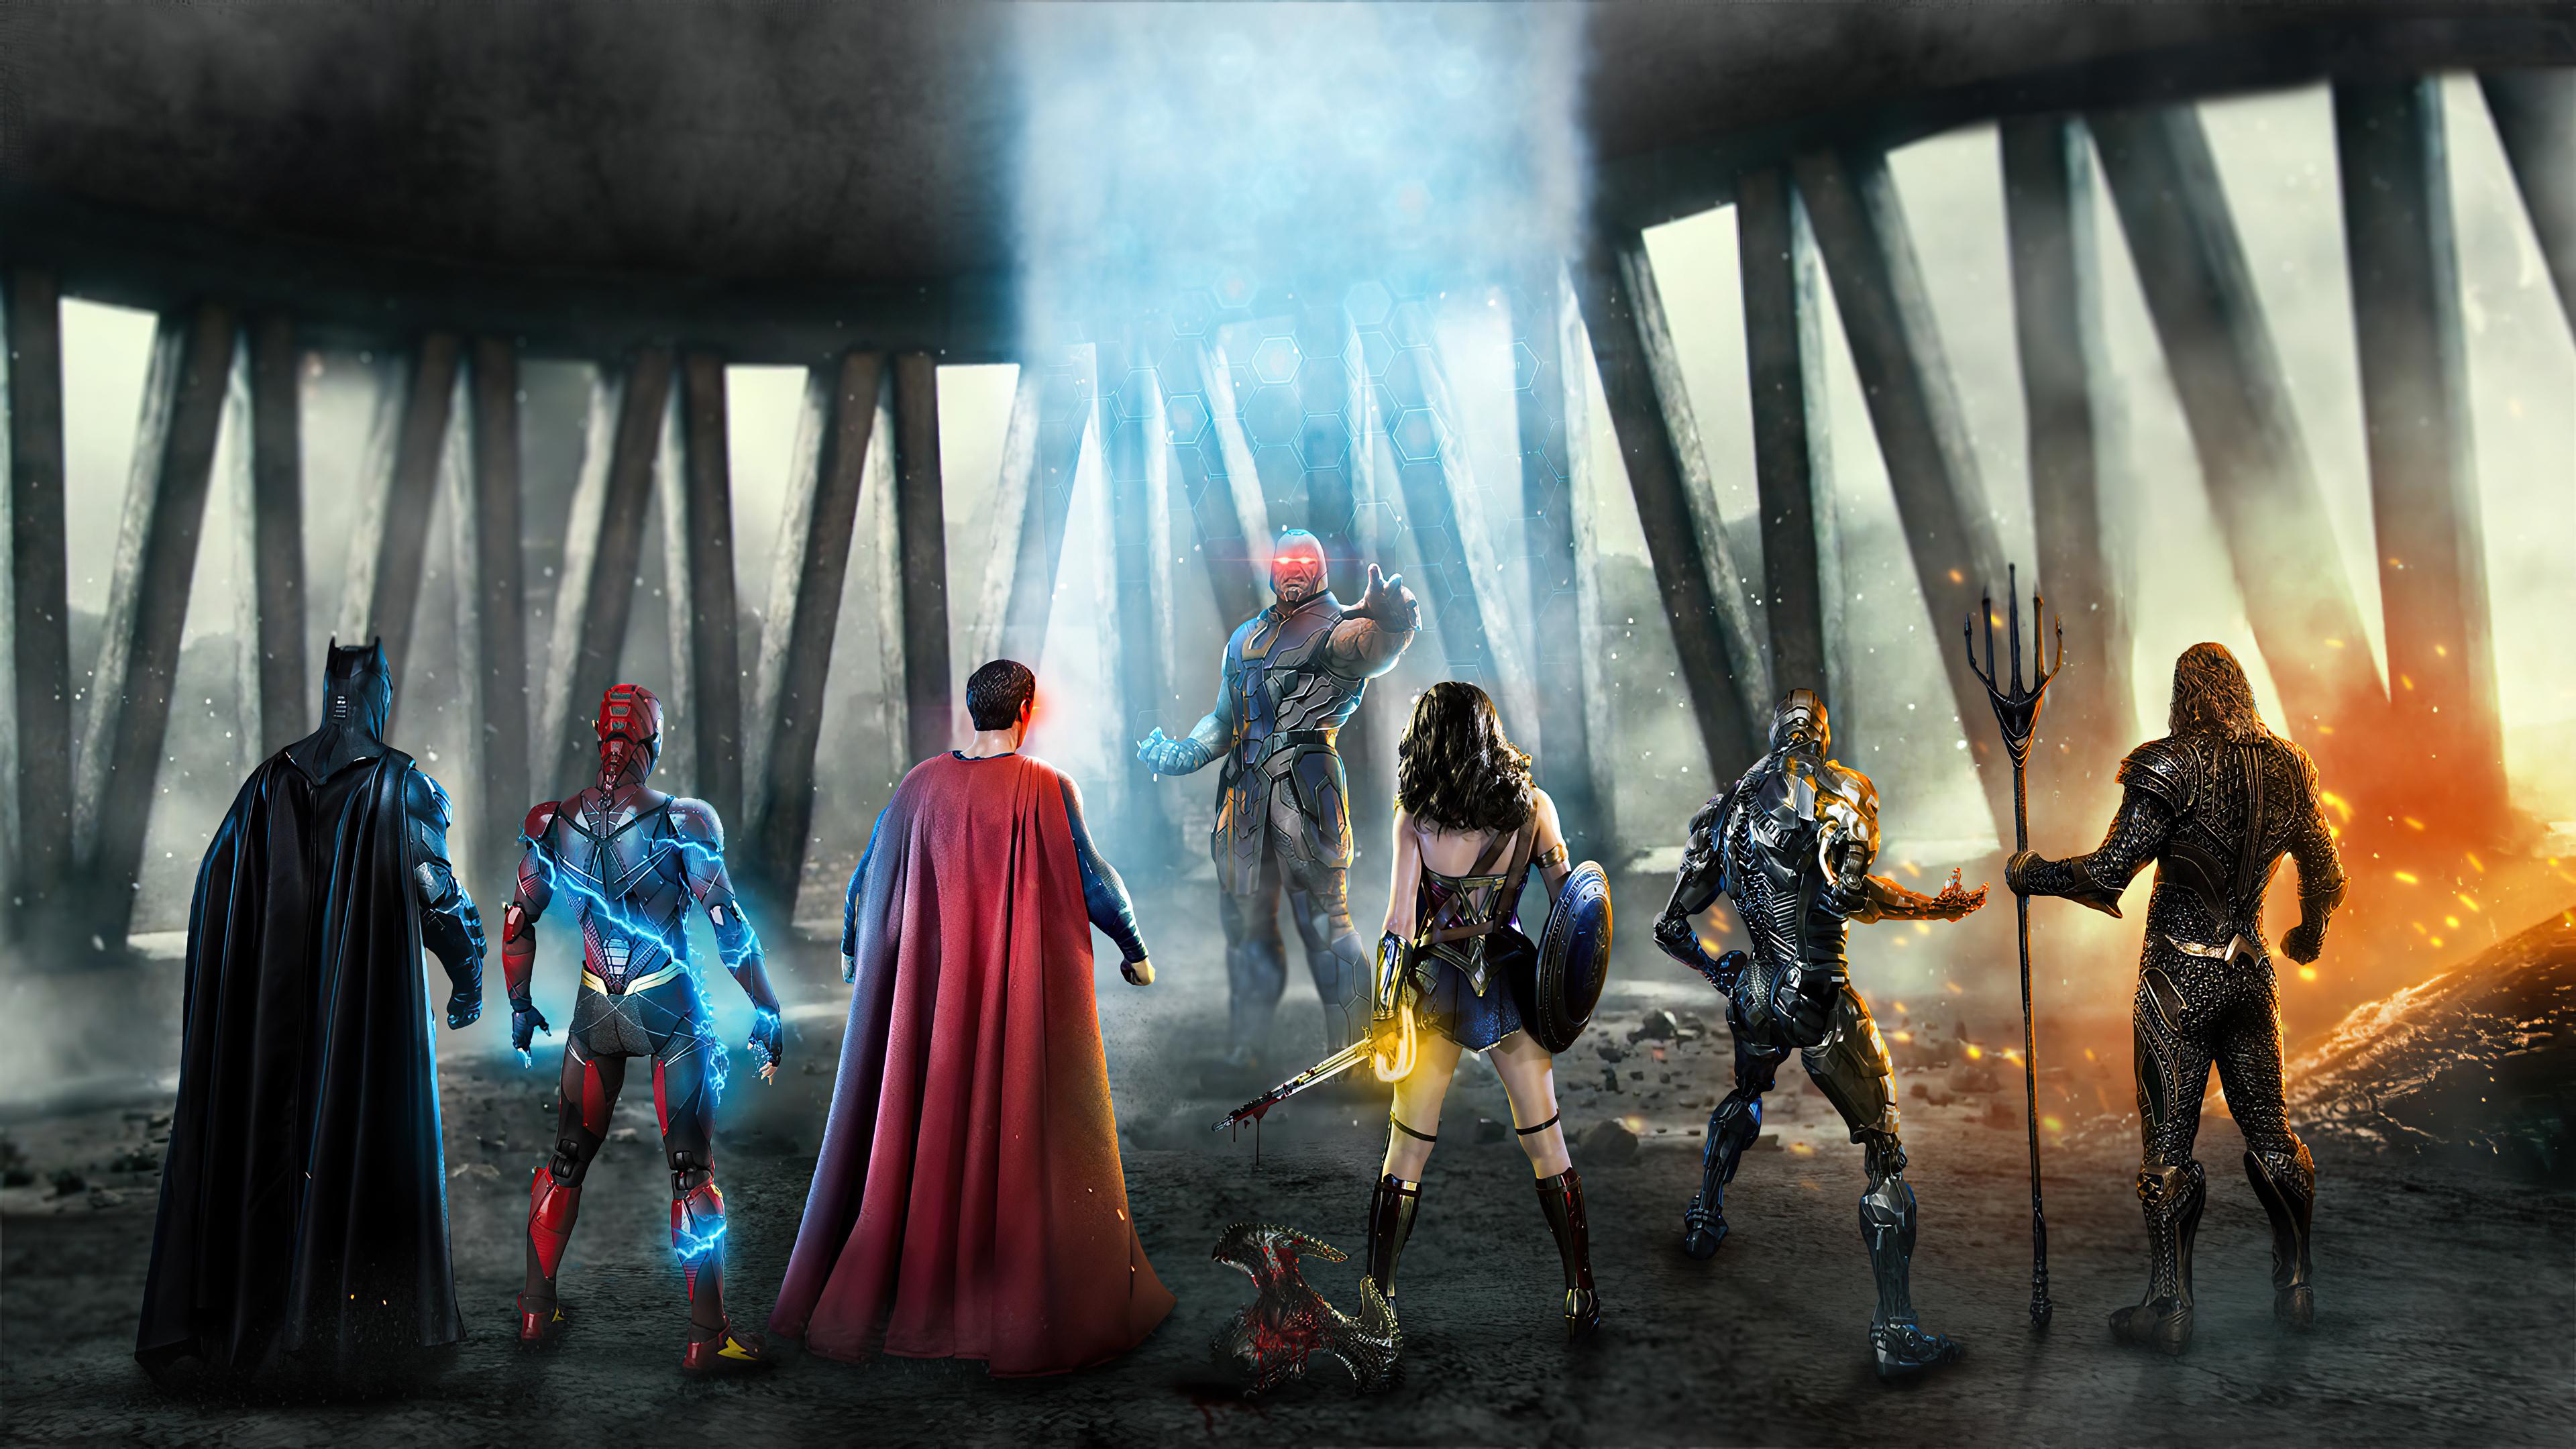 Fondos de pantalla Liga de la Justicia contra Darkseid